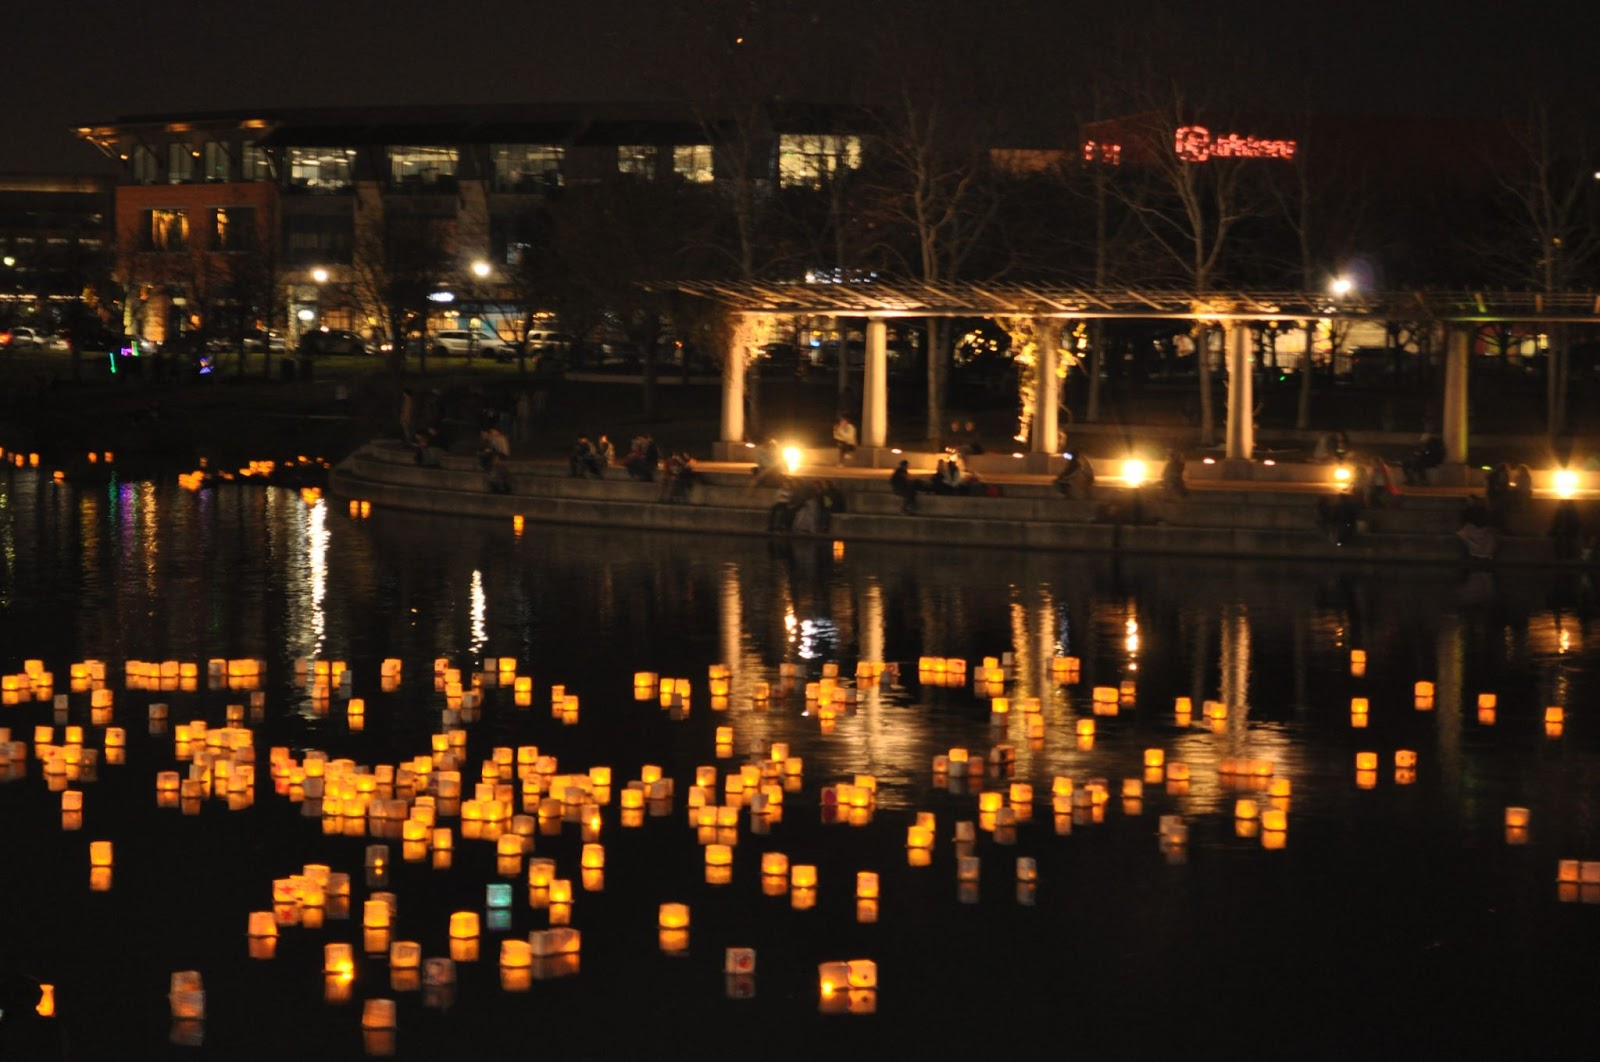 Mueller's Lantern Festival | Mueller Lake Park